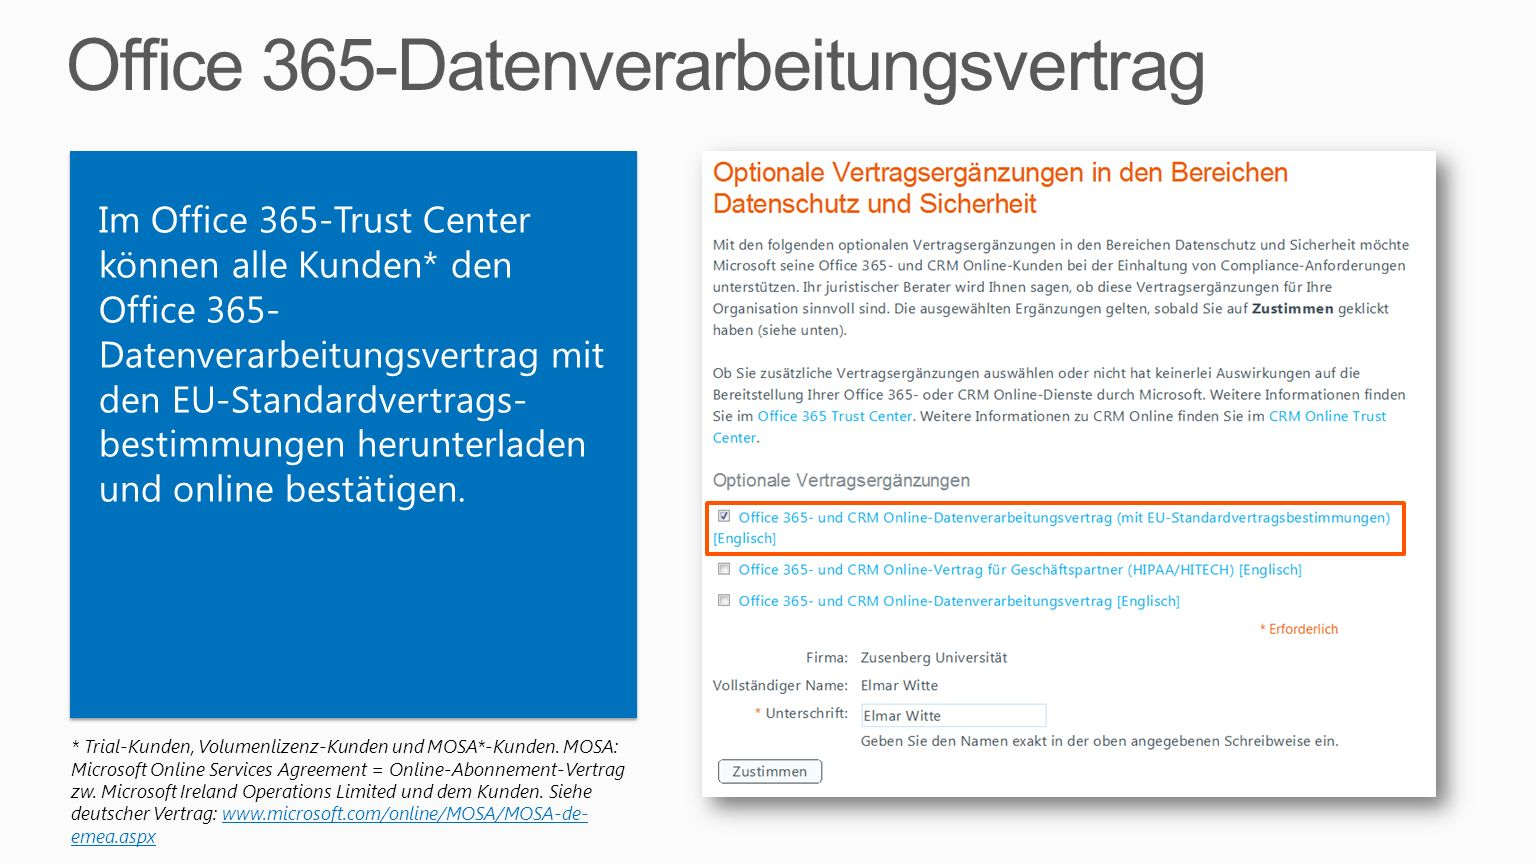 * Trial-Kunden, Volumenlizenz-Kunden und MOSA*-Kunden. MOSA: Microsoft Online Services Agreement = Online-Abonnement-Vertrag zw. Microsoft Ireland Ope